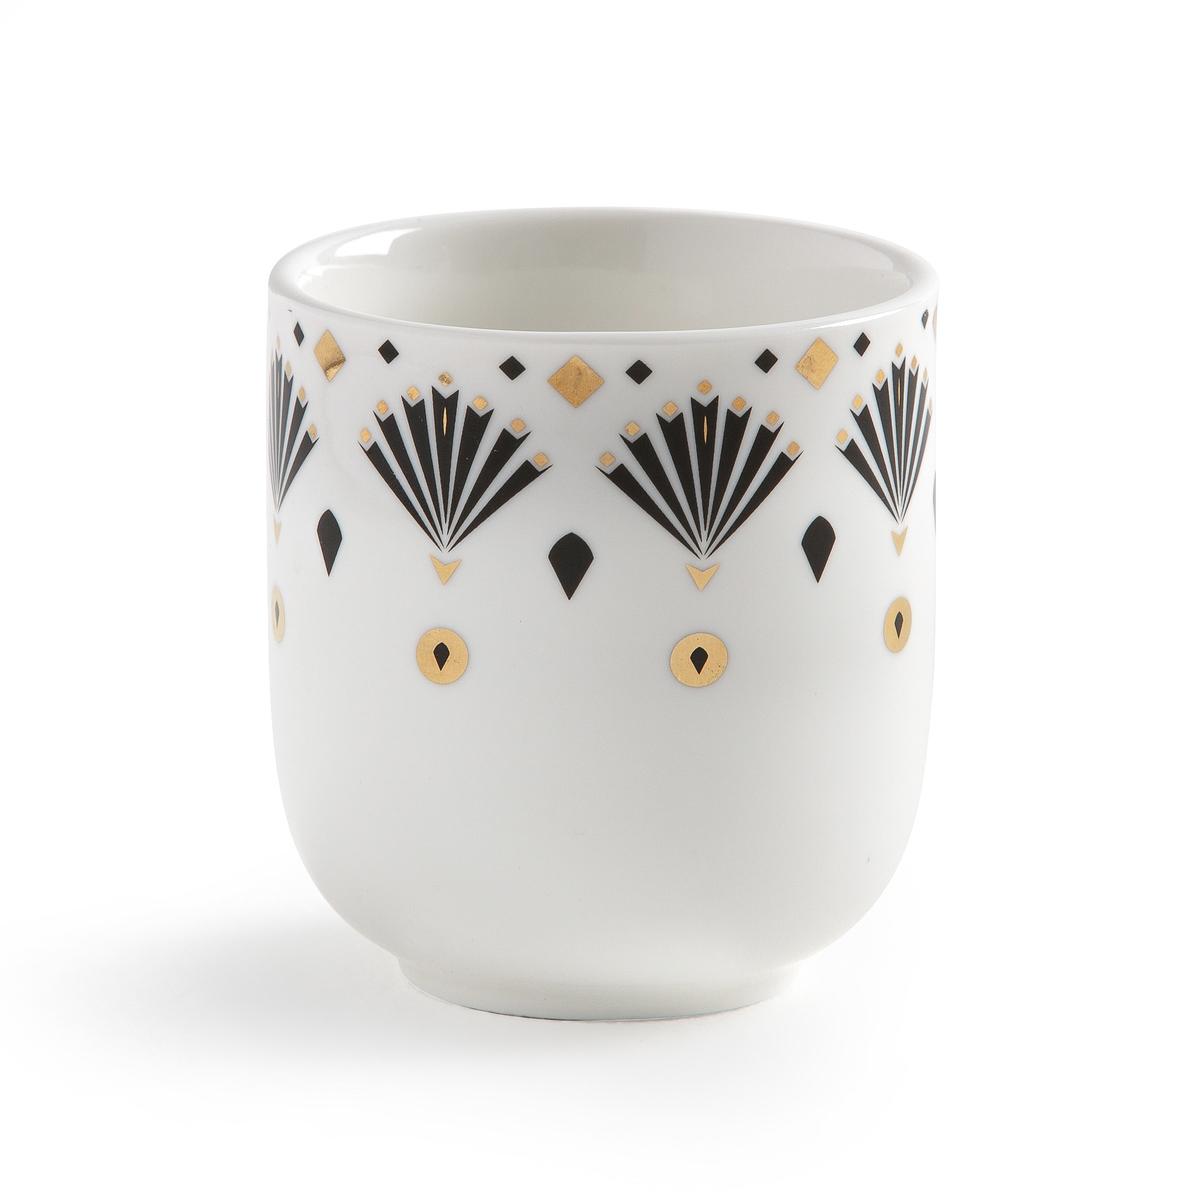 Комплект из фарфоровых чашек La Redoute Для эспрессо MELLAH единый размер белый